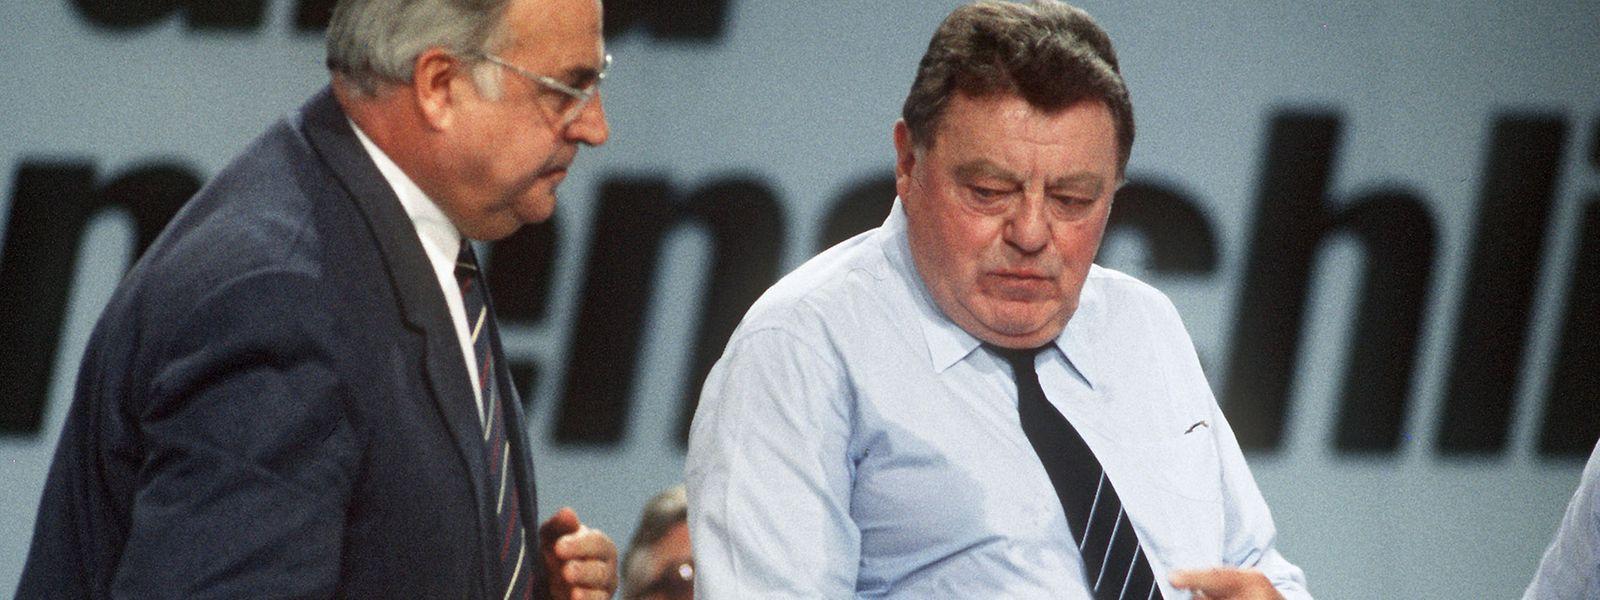 1979 wurde Franz Josef Strauß (CSU, rechts) Kanzlerkandidat der Union, doch er verlor die Wahl gegen Helmut Schmidt. Kanzler wurde schließlich 1982 sein CDU-Kontrahent Helmut Kohl.